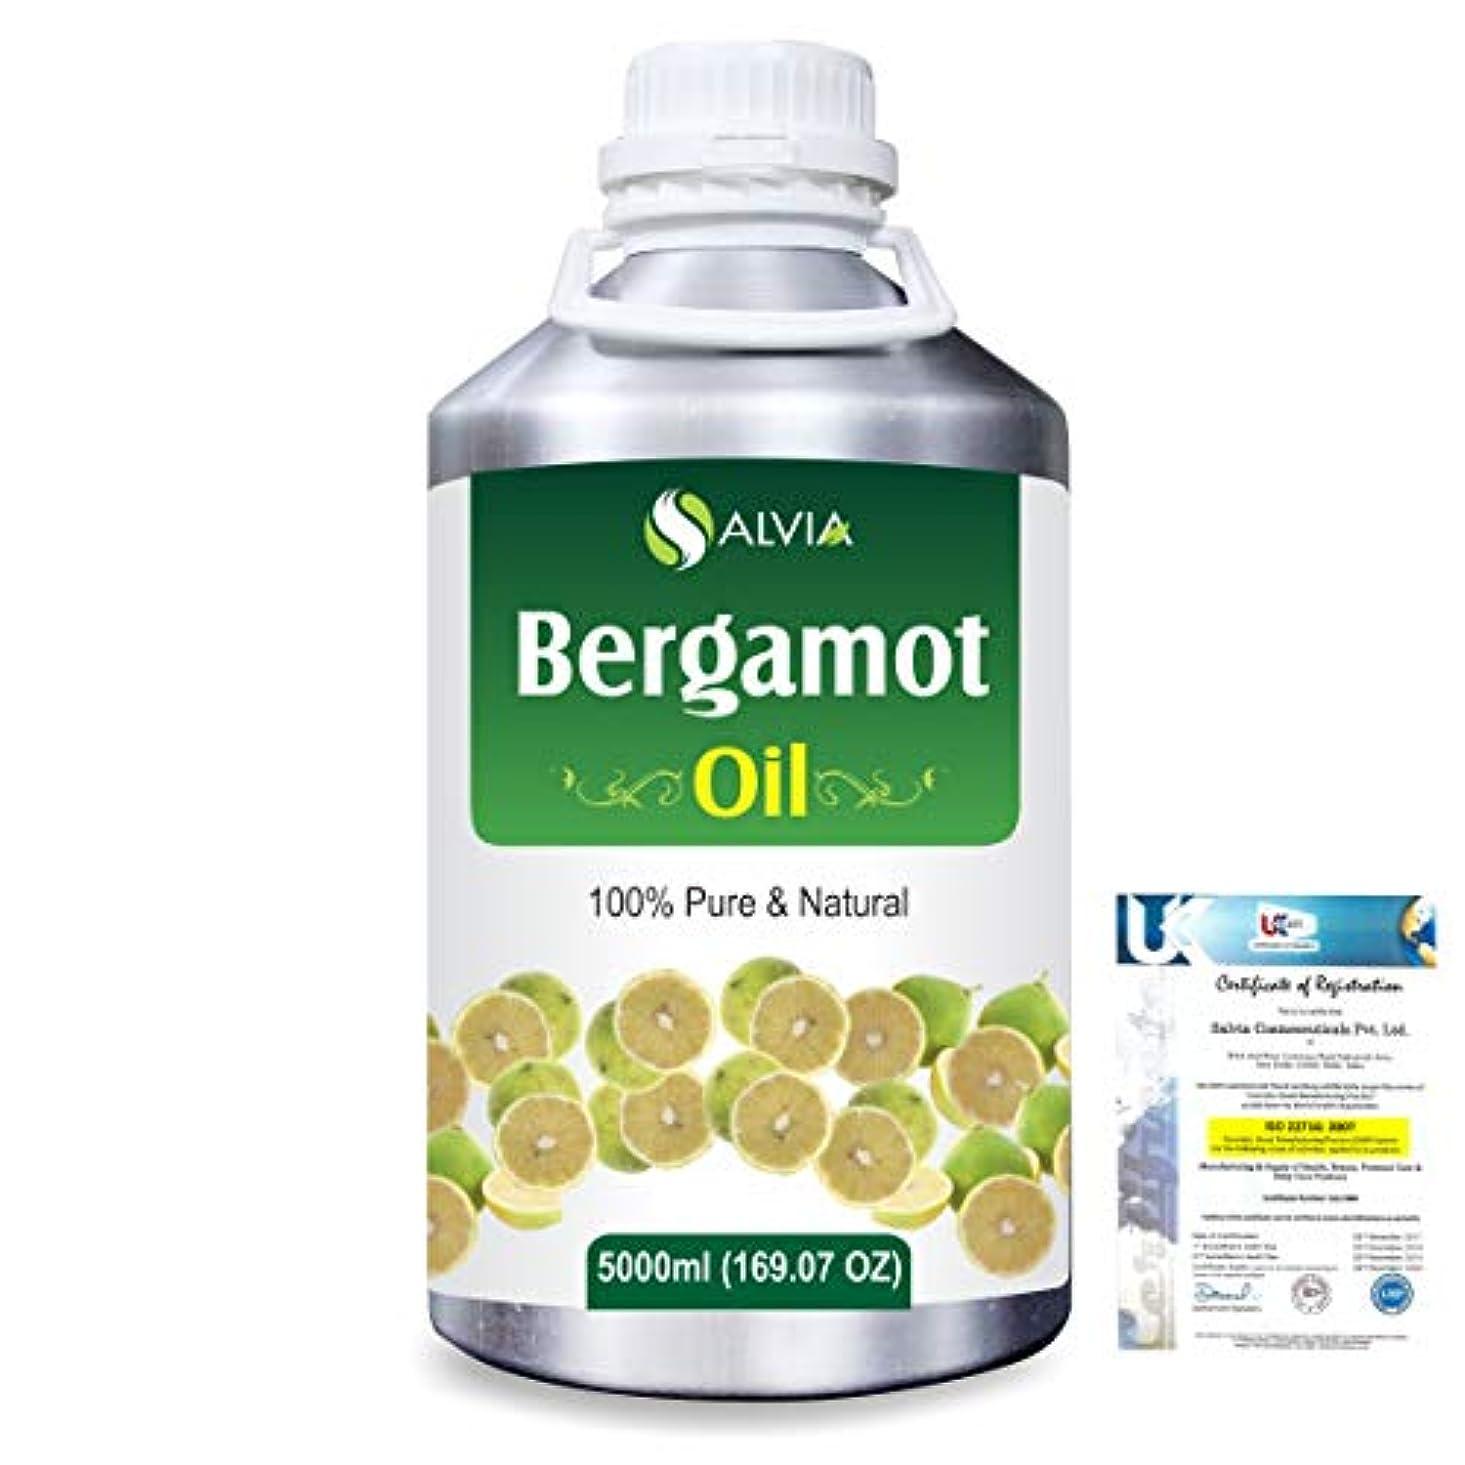 Bergamot (Citrus aurantium) 100% Natural Pure Essential Oil 5000ml/169fl.oz.